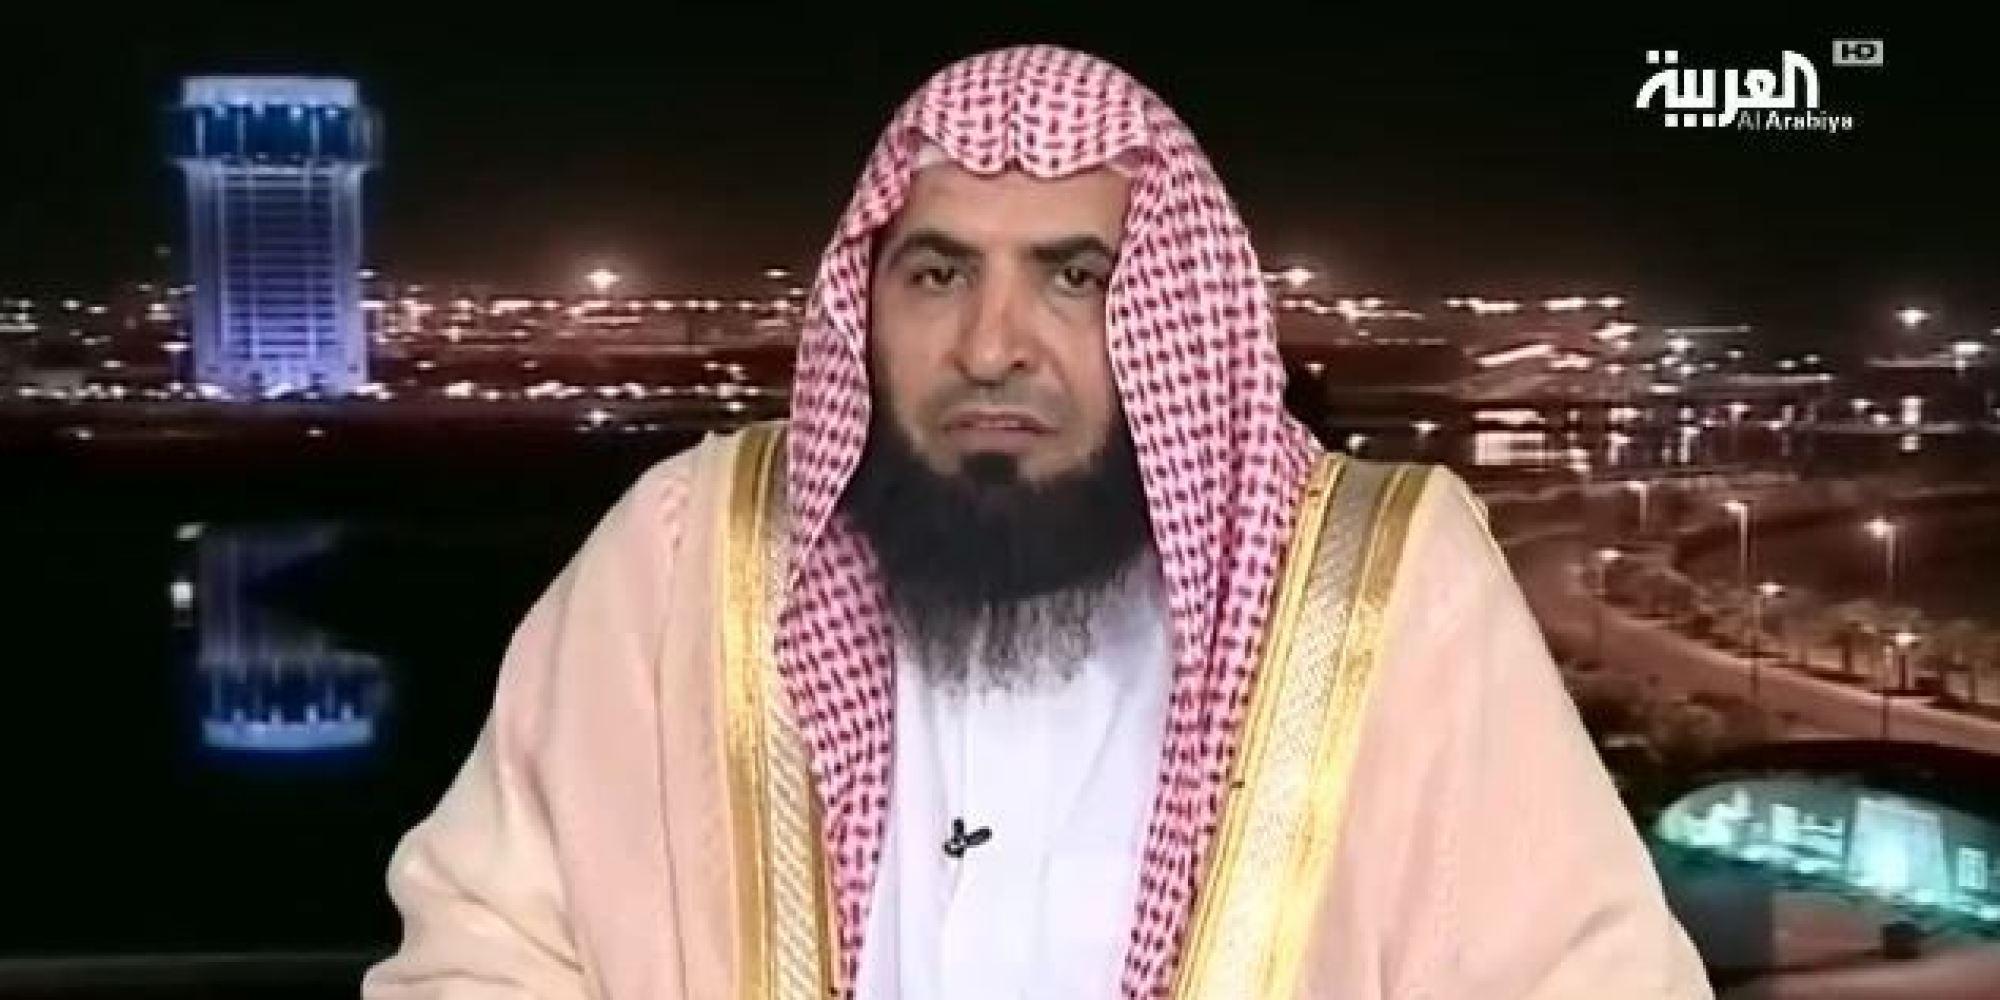 السعودية.. عضو سابق  بالهيئة : عيد الحب مناسبة اجتماعية ولا حرج شرعاً